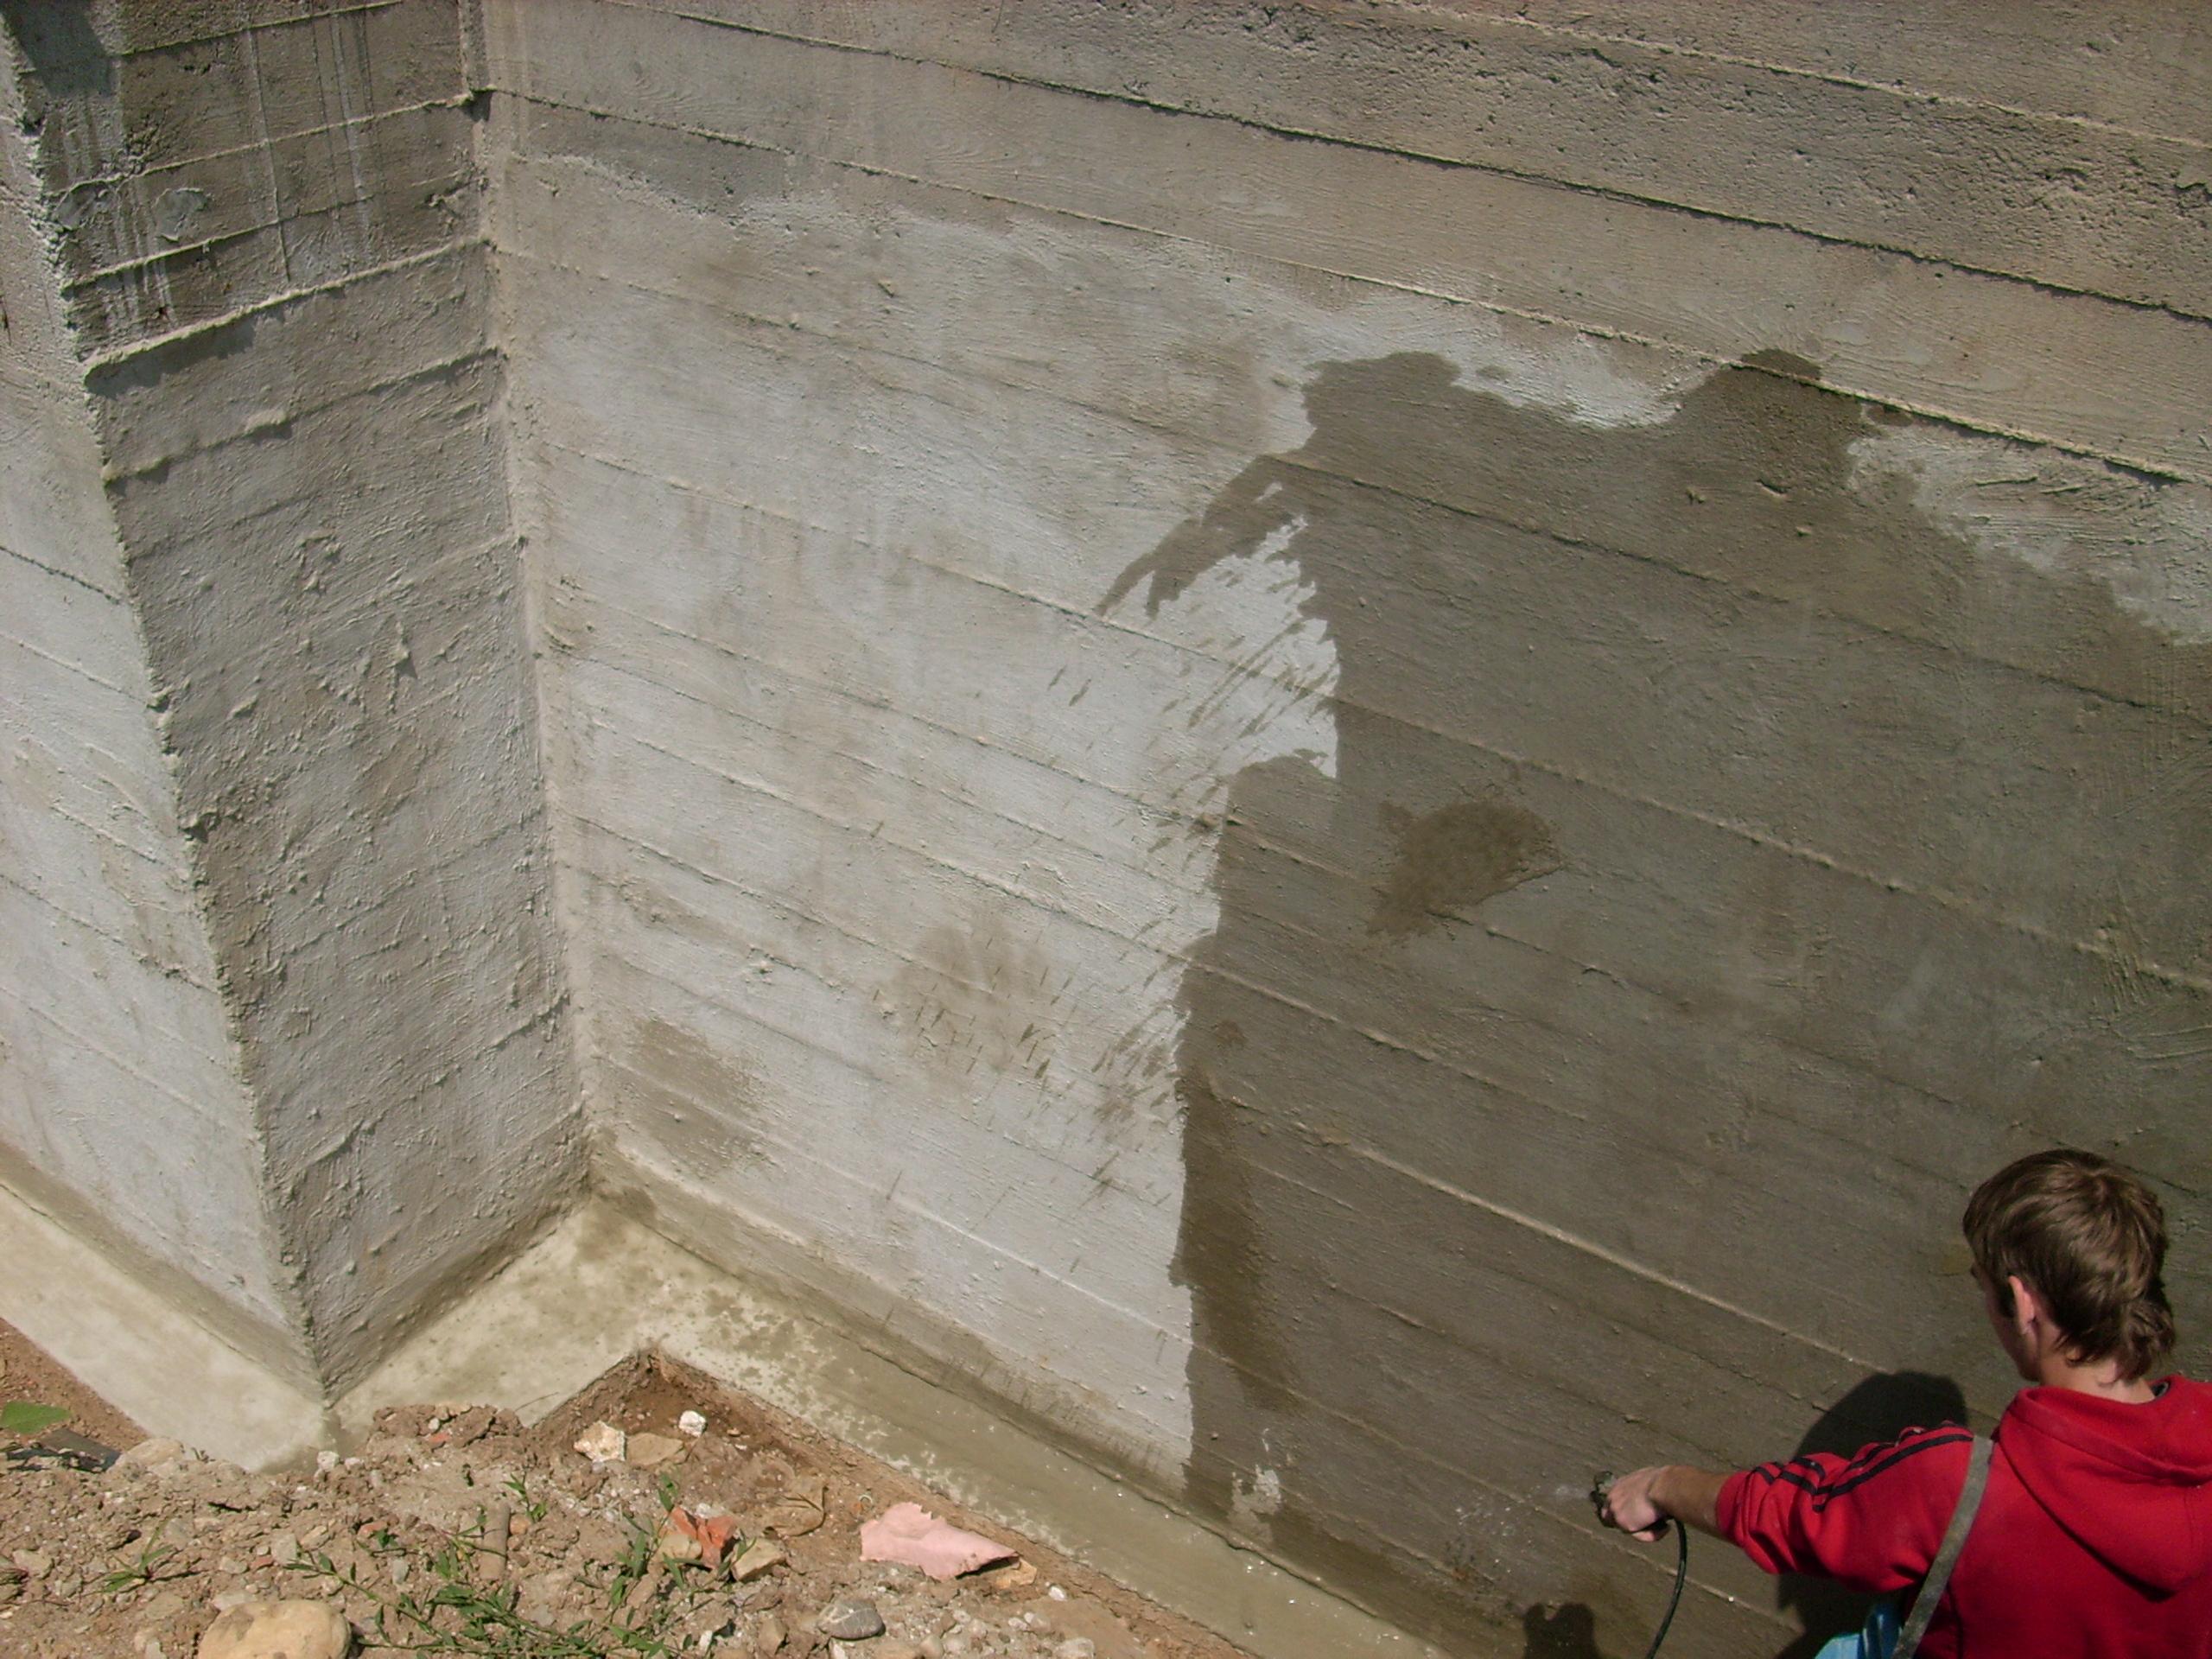 Aplicarea tratamentelor de impermeabilizare - Vila Rosu UNICO PROFIT - Poza 46